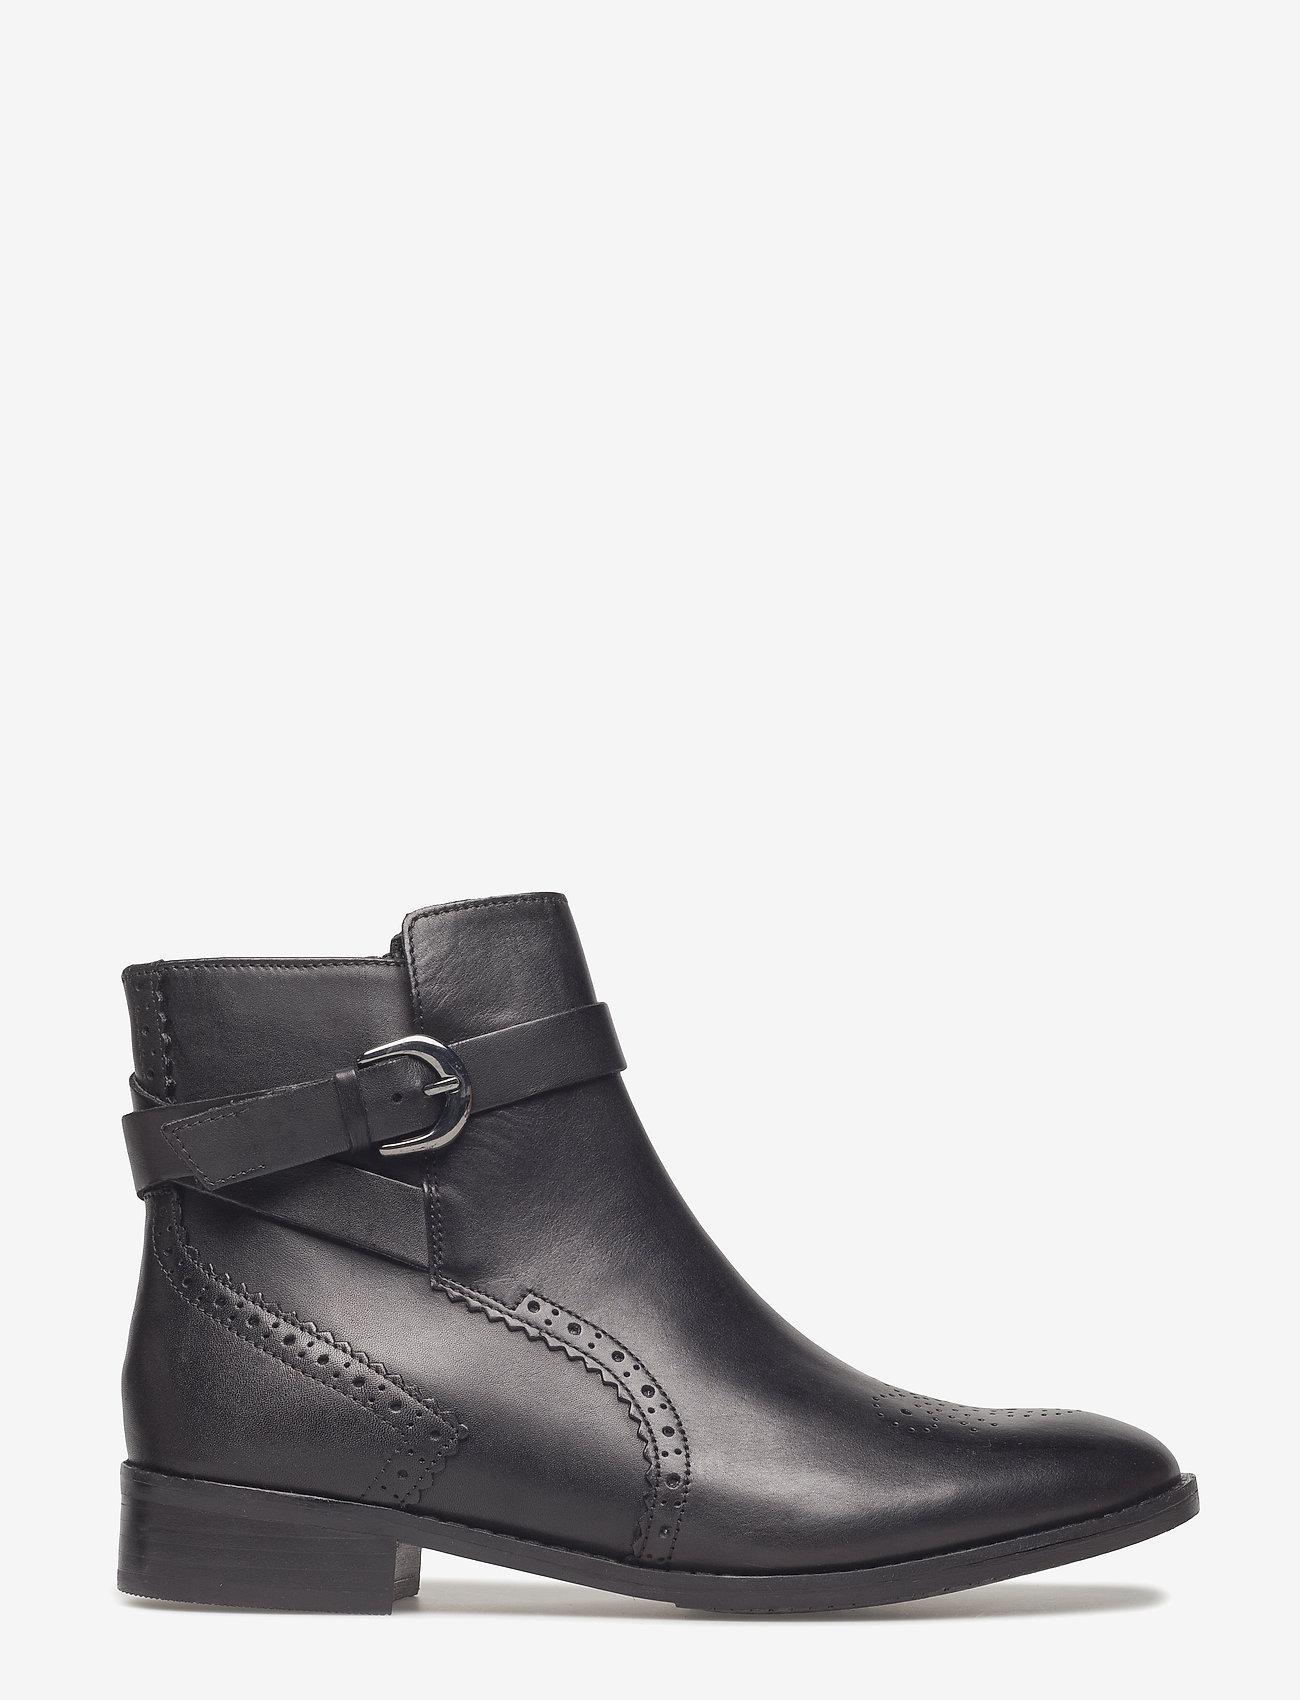 Clarks - Netley Olivia - flade ankelstøvler - black leather - 1